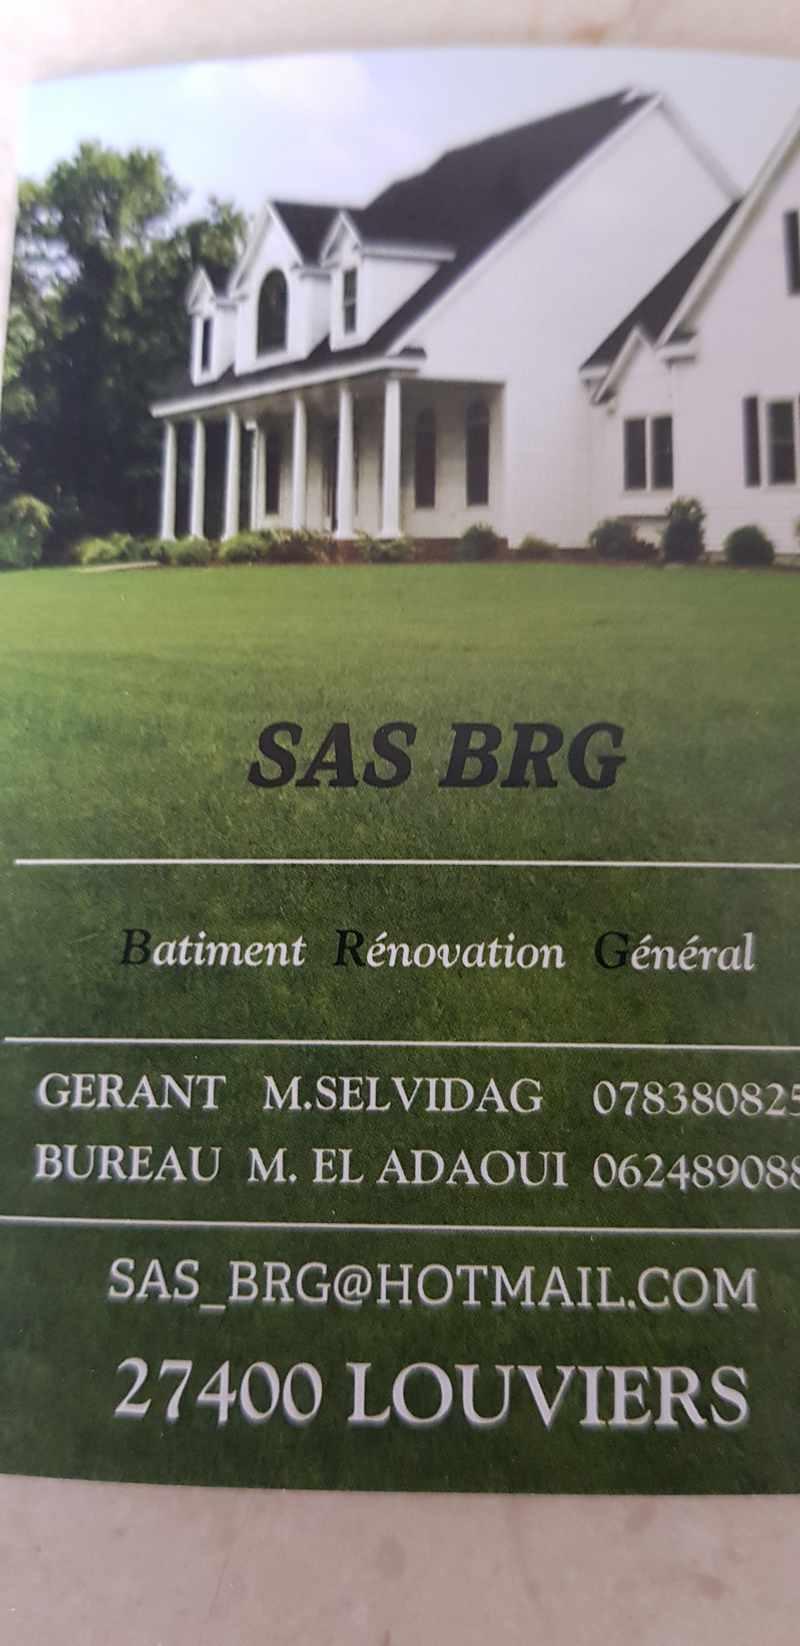 Logo de Sas BRG, société de travaux en Construction, murs, cloisons, plafonds en plaques de plâtre